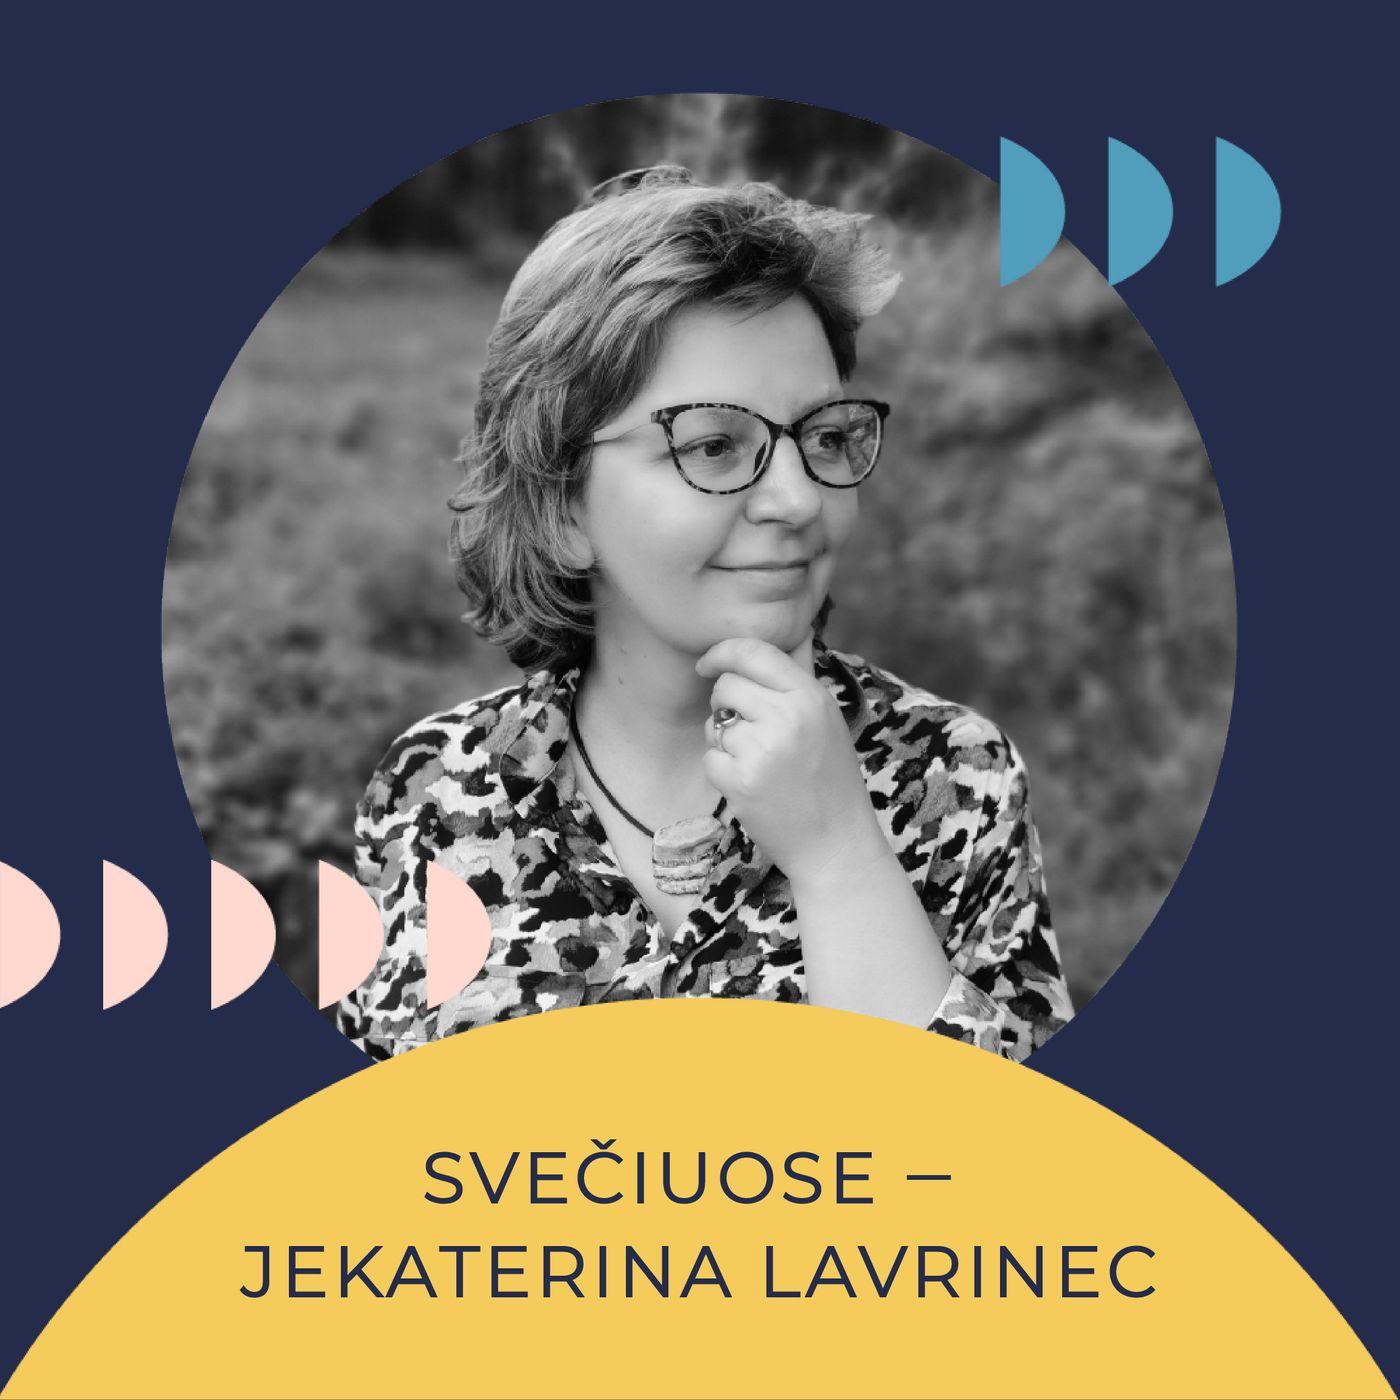 Savo galva. Jekaterina Lavrinec: Kritinis mąstymas ir miestas. Greitame ar lėtame mieste jūs gyvenate ir kaip miestas įtakoja jūsų mąstymą?